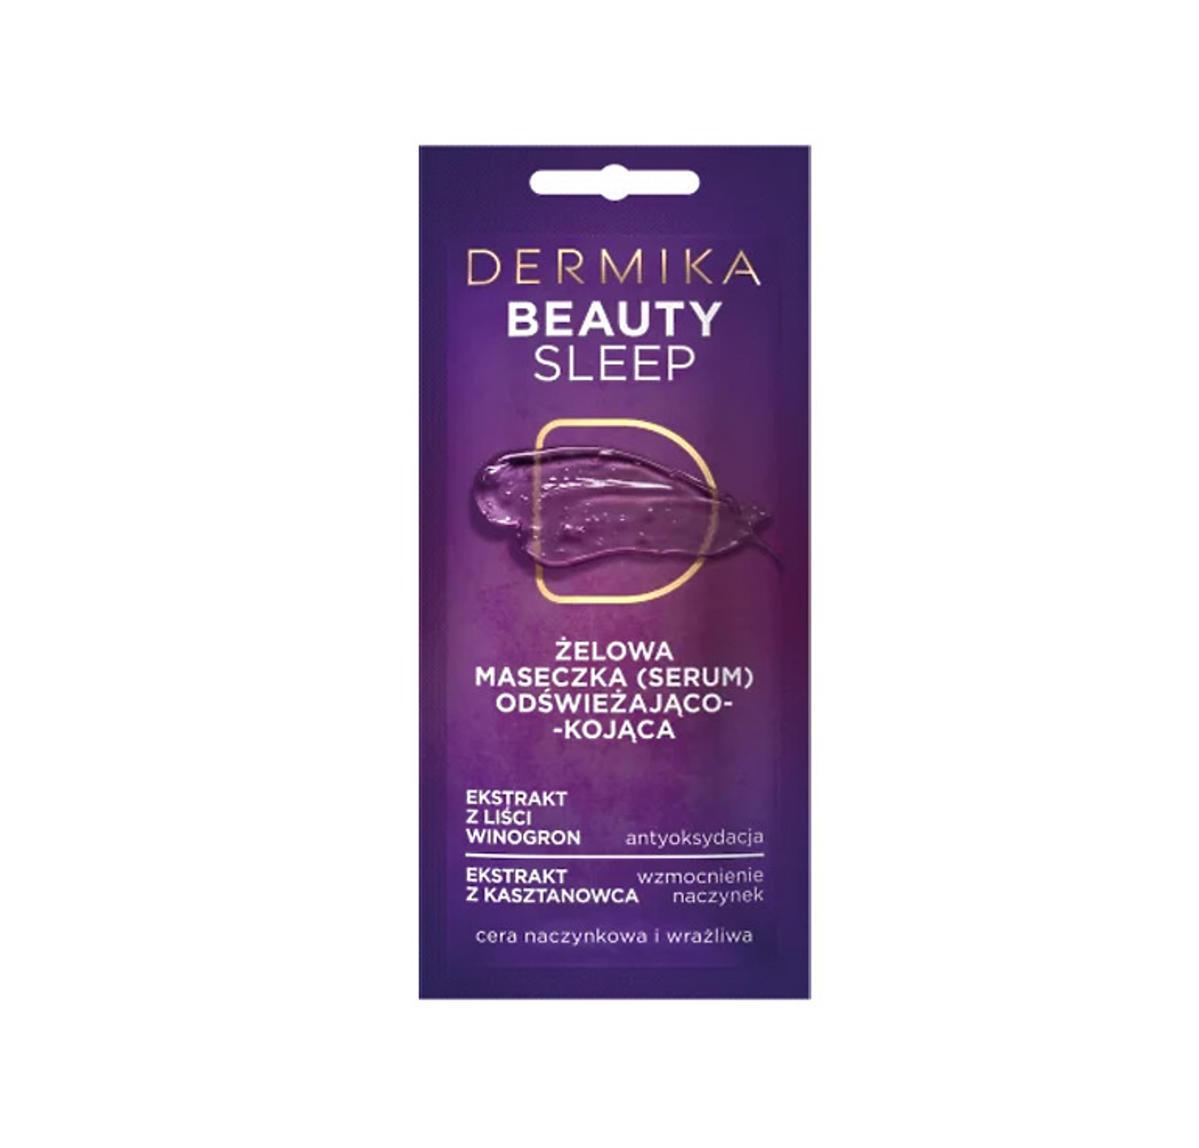 MASECZKI PIĘKNOŚCI Beauty Sleep – Żelowa Maseczka (serum) Odświeżająco-Kojąca